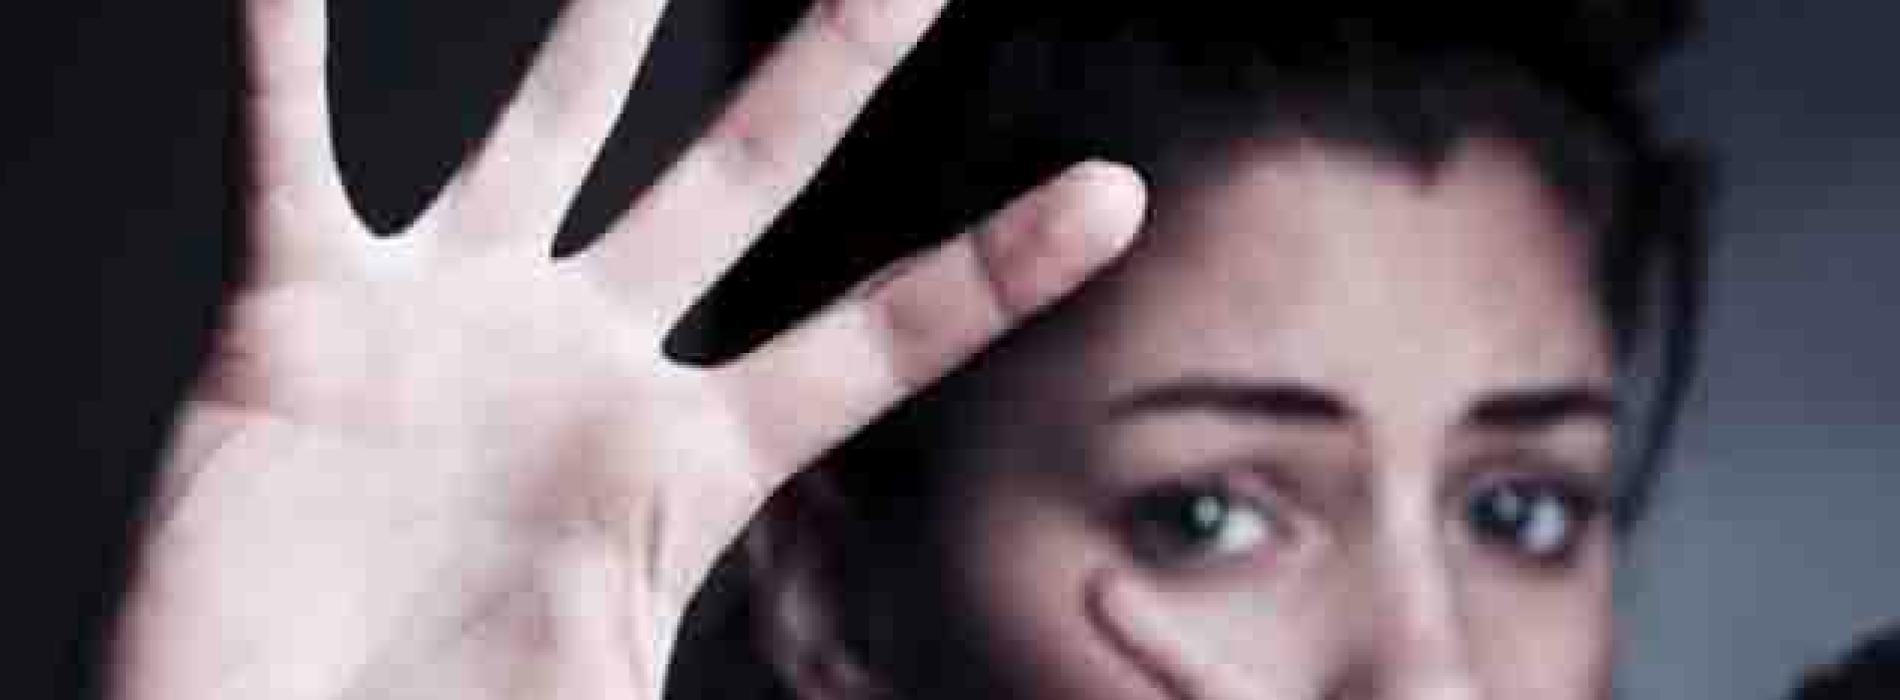 Fuori dal silenzio. Haumea, contro la violenza di genere